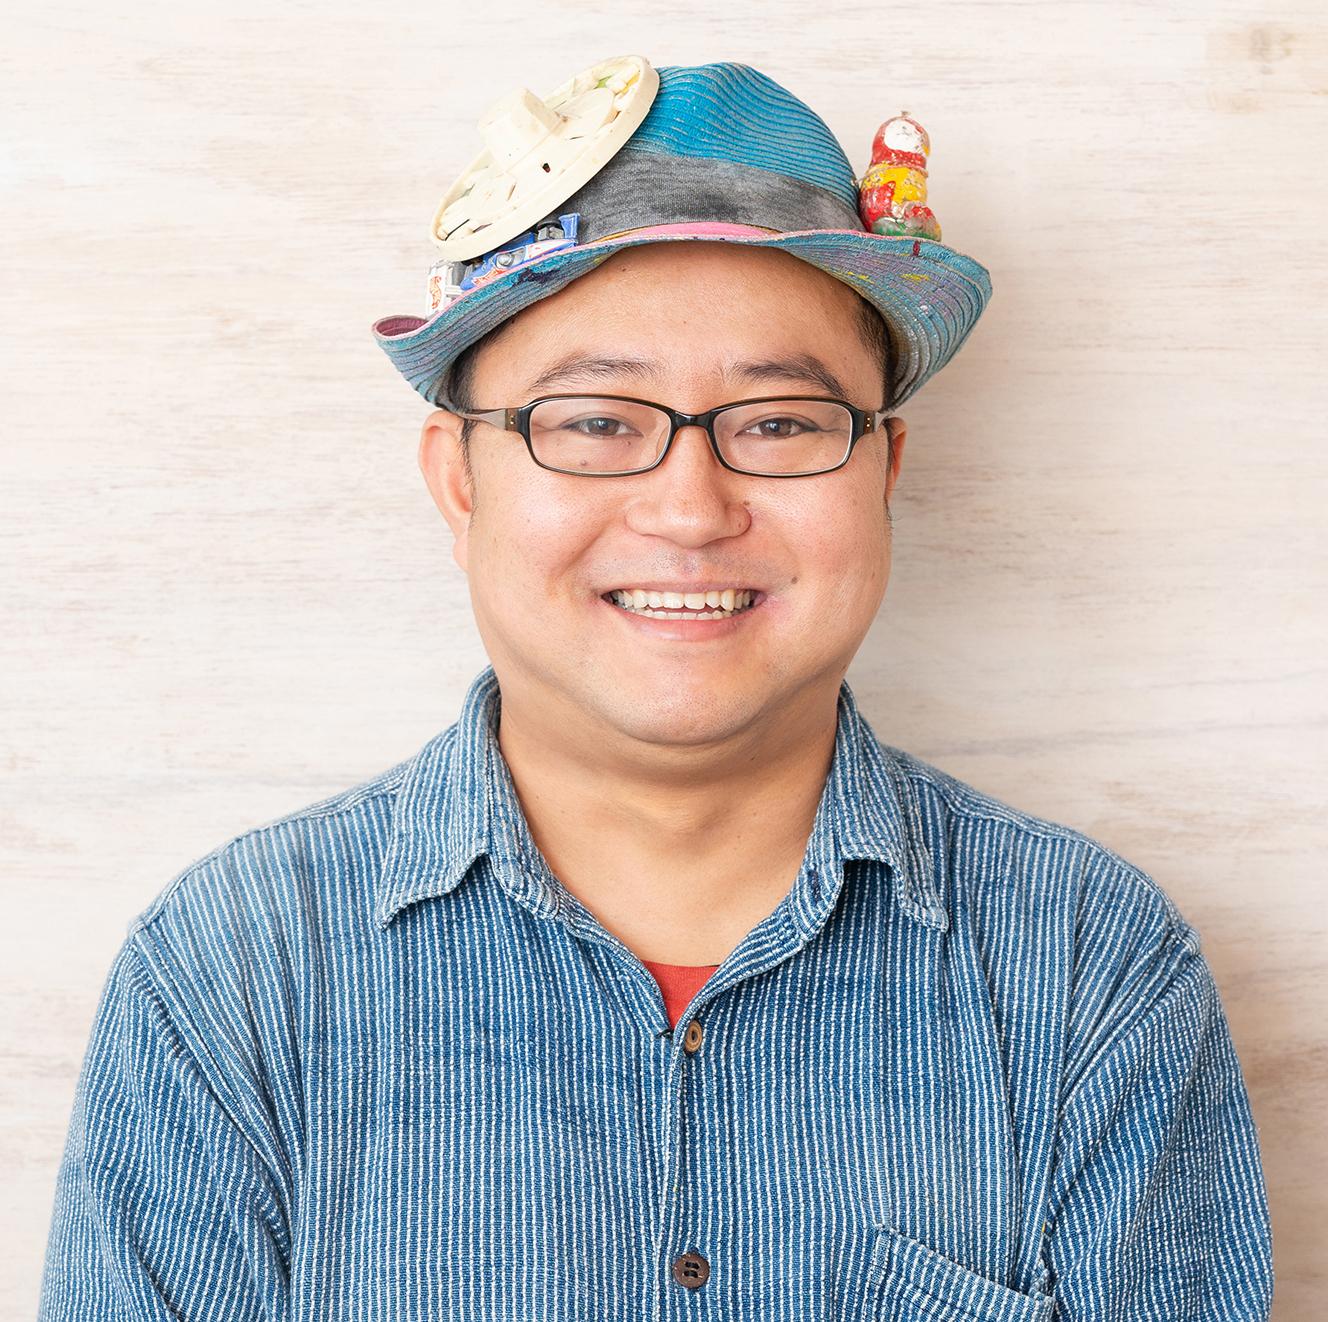 お家保育 〜 工作担当 『井上ヤスミチさんのブログ』が更新されました !!!